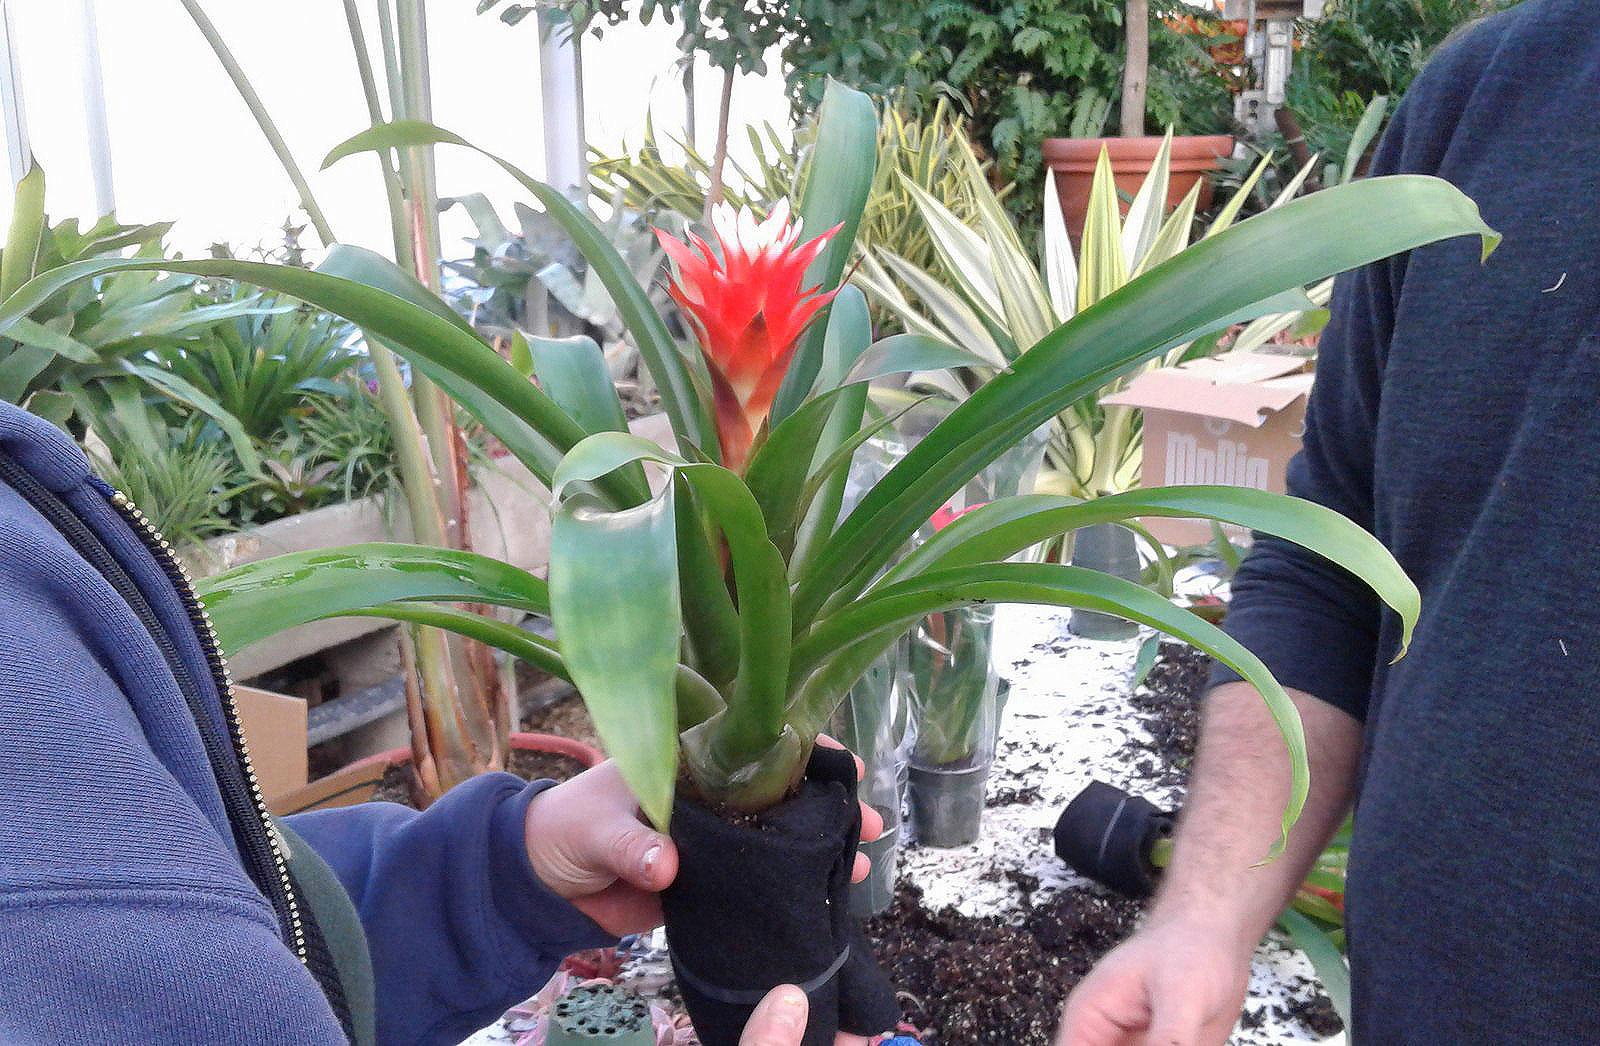 Florafelt Vertical Garden at Kingwood Center Gardens